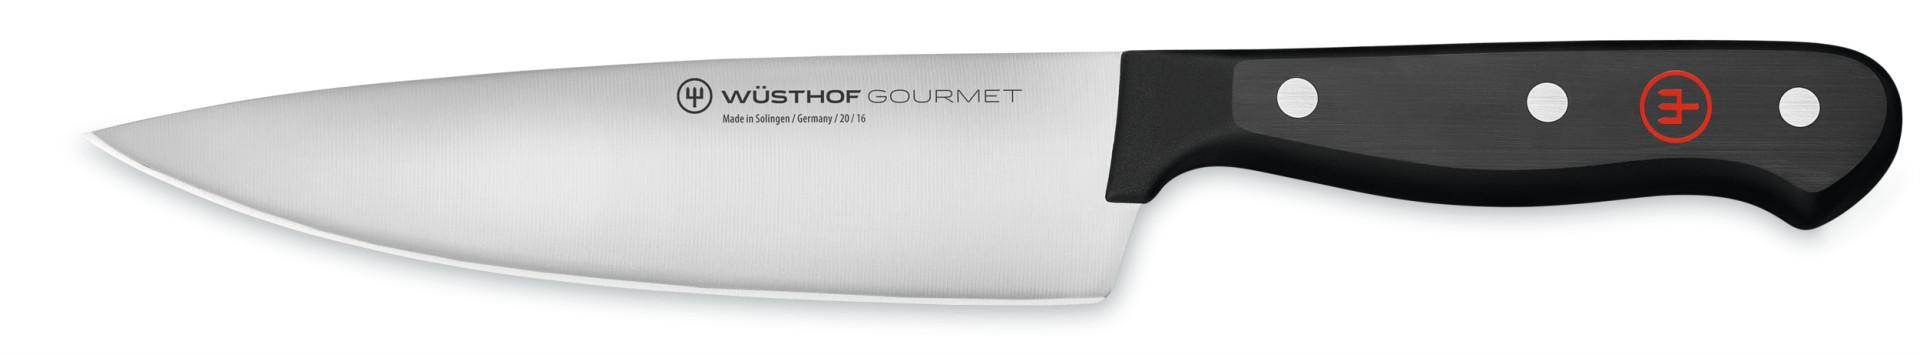 Wusthof Gourmet Cooks Knife 16cm